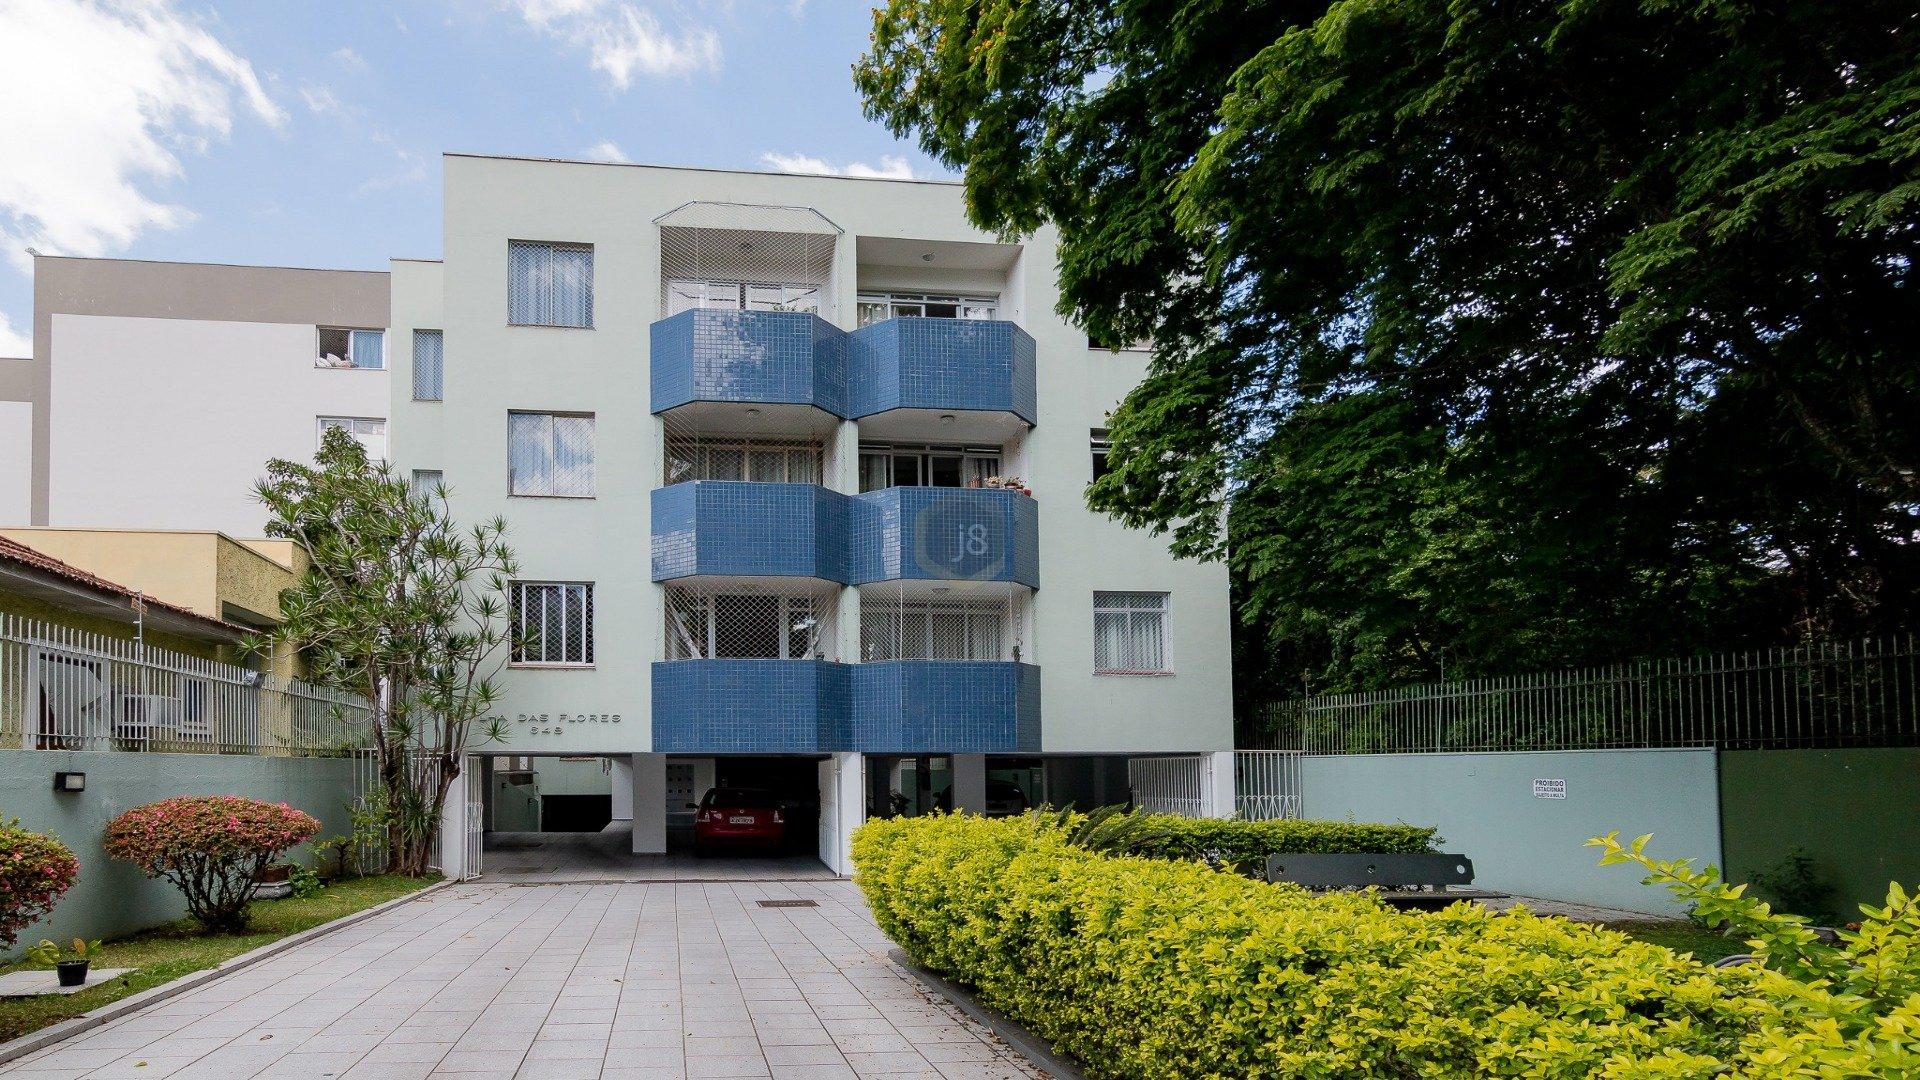 Foto de destaque Excelente apartamento no cabral. ótima localização.